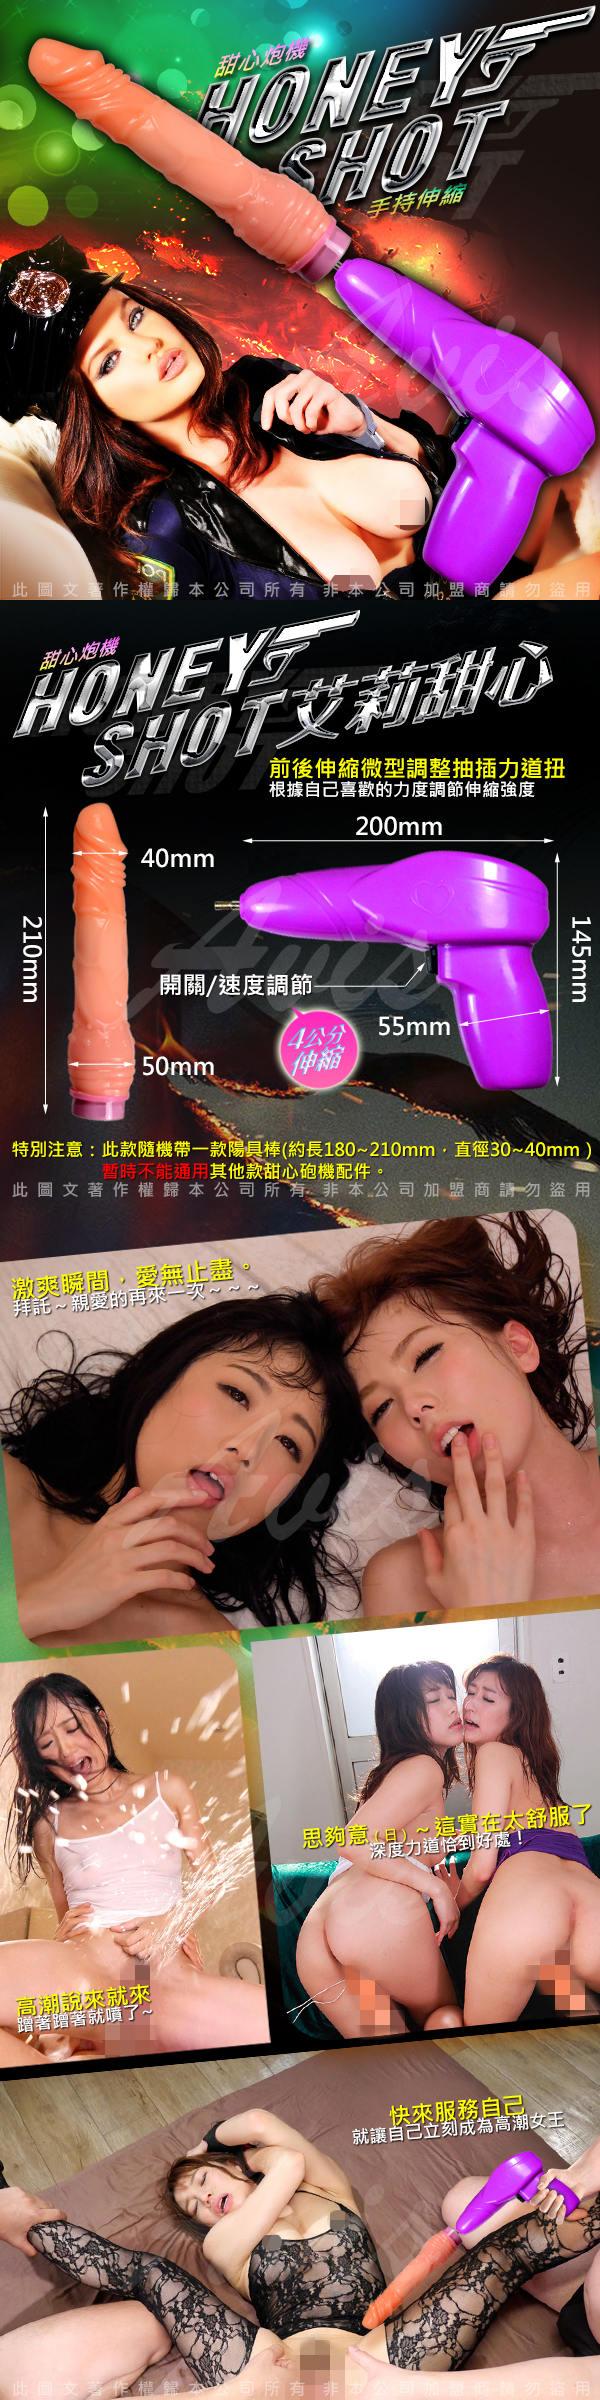 甜心戰鬥槍 手持式 自動伸縮抽插 性愛機器 女用砲機 附陽具棒x1